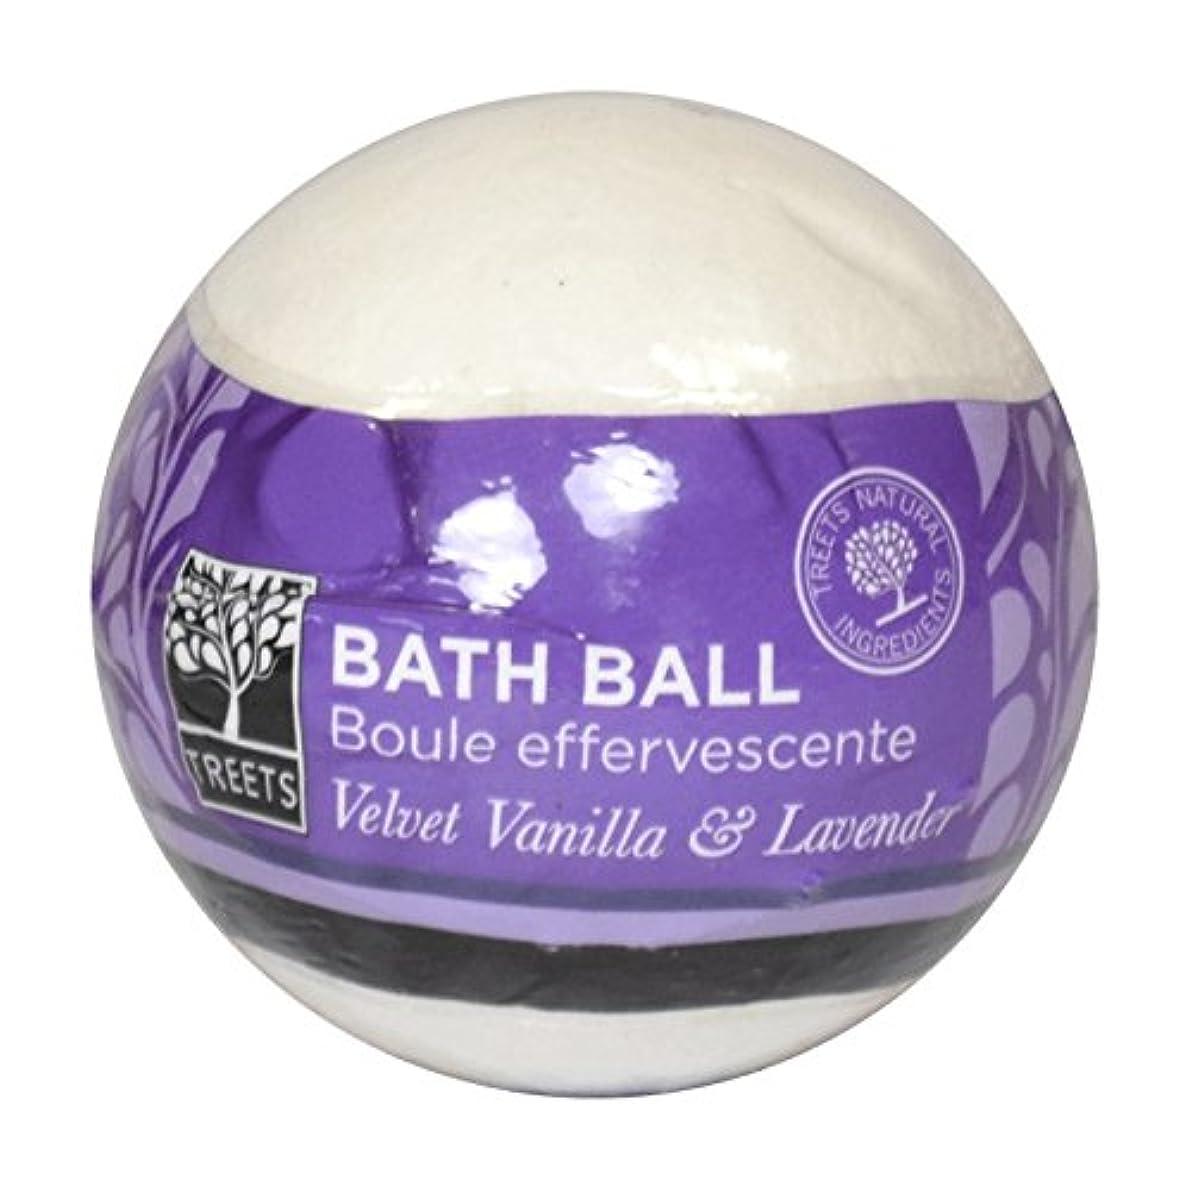 スロット絶えず対立Treets Velvet Vanilla & Lavender Bath Ball (Pack of 2) - Treetsベルベットのバニラ&ラベンダーバスボール (x2) [並行輸入品]